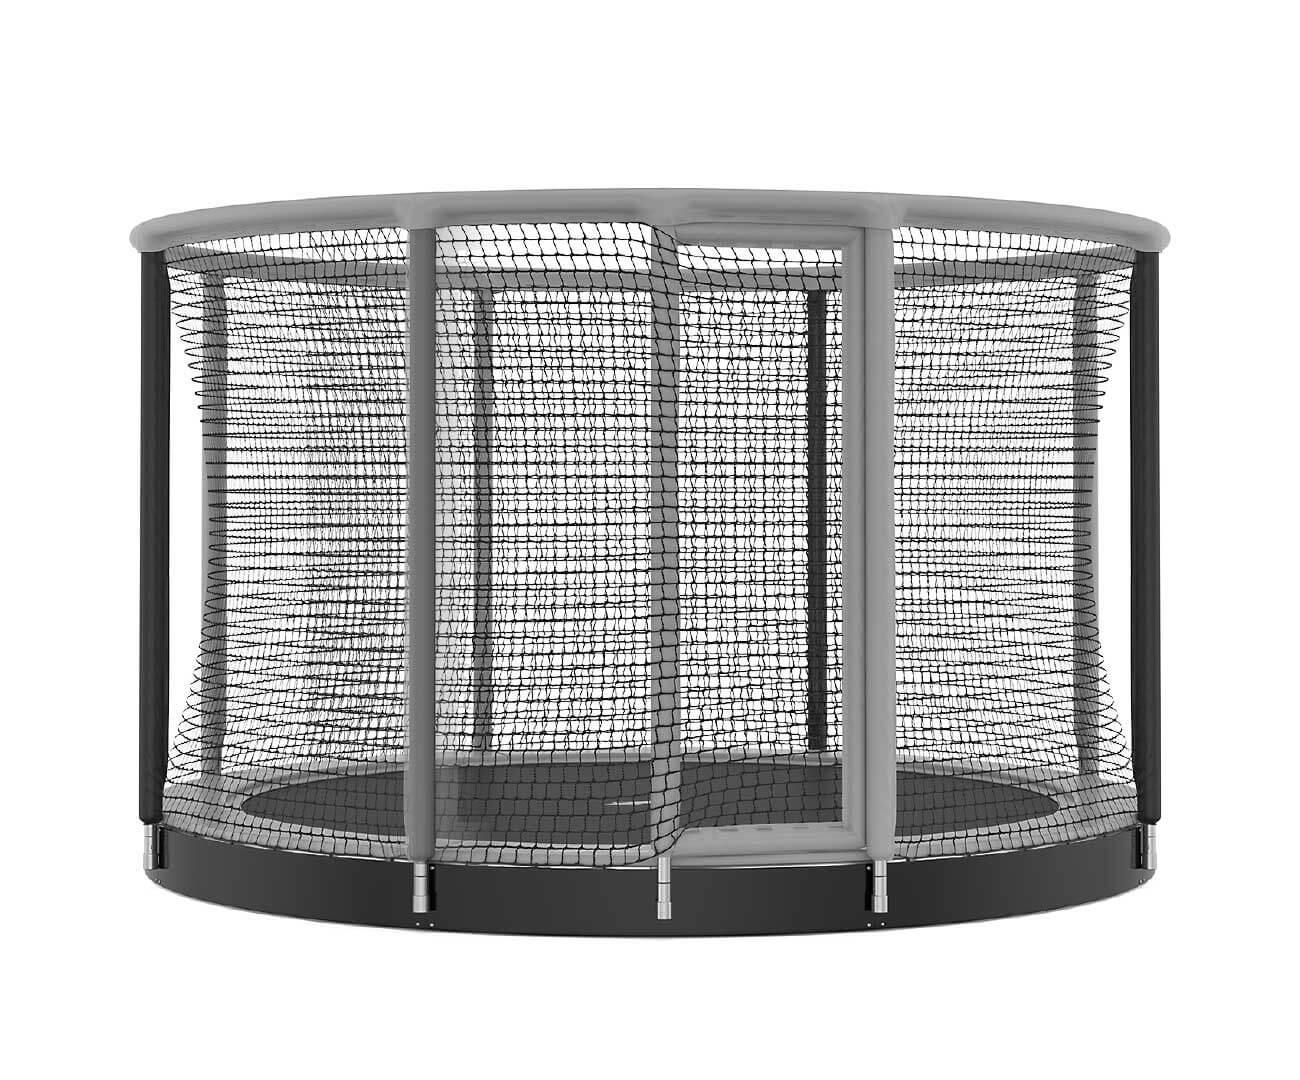 Akrobat Gallus Inground 10 Grey-black enclosure /Black safety pad/ Grey jumping mat